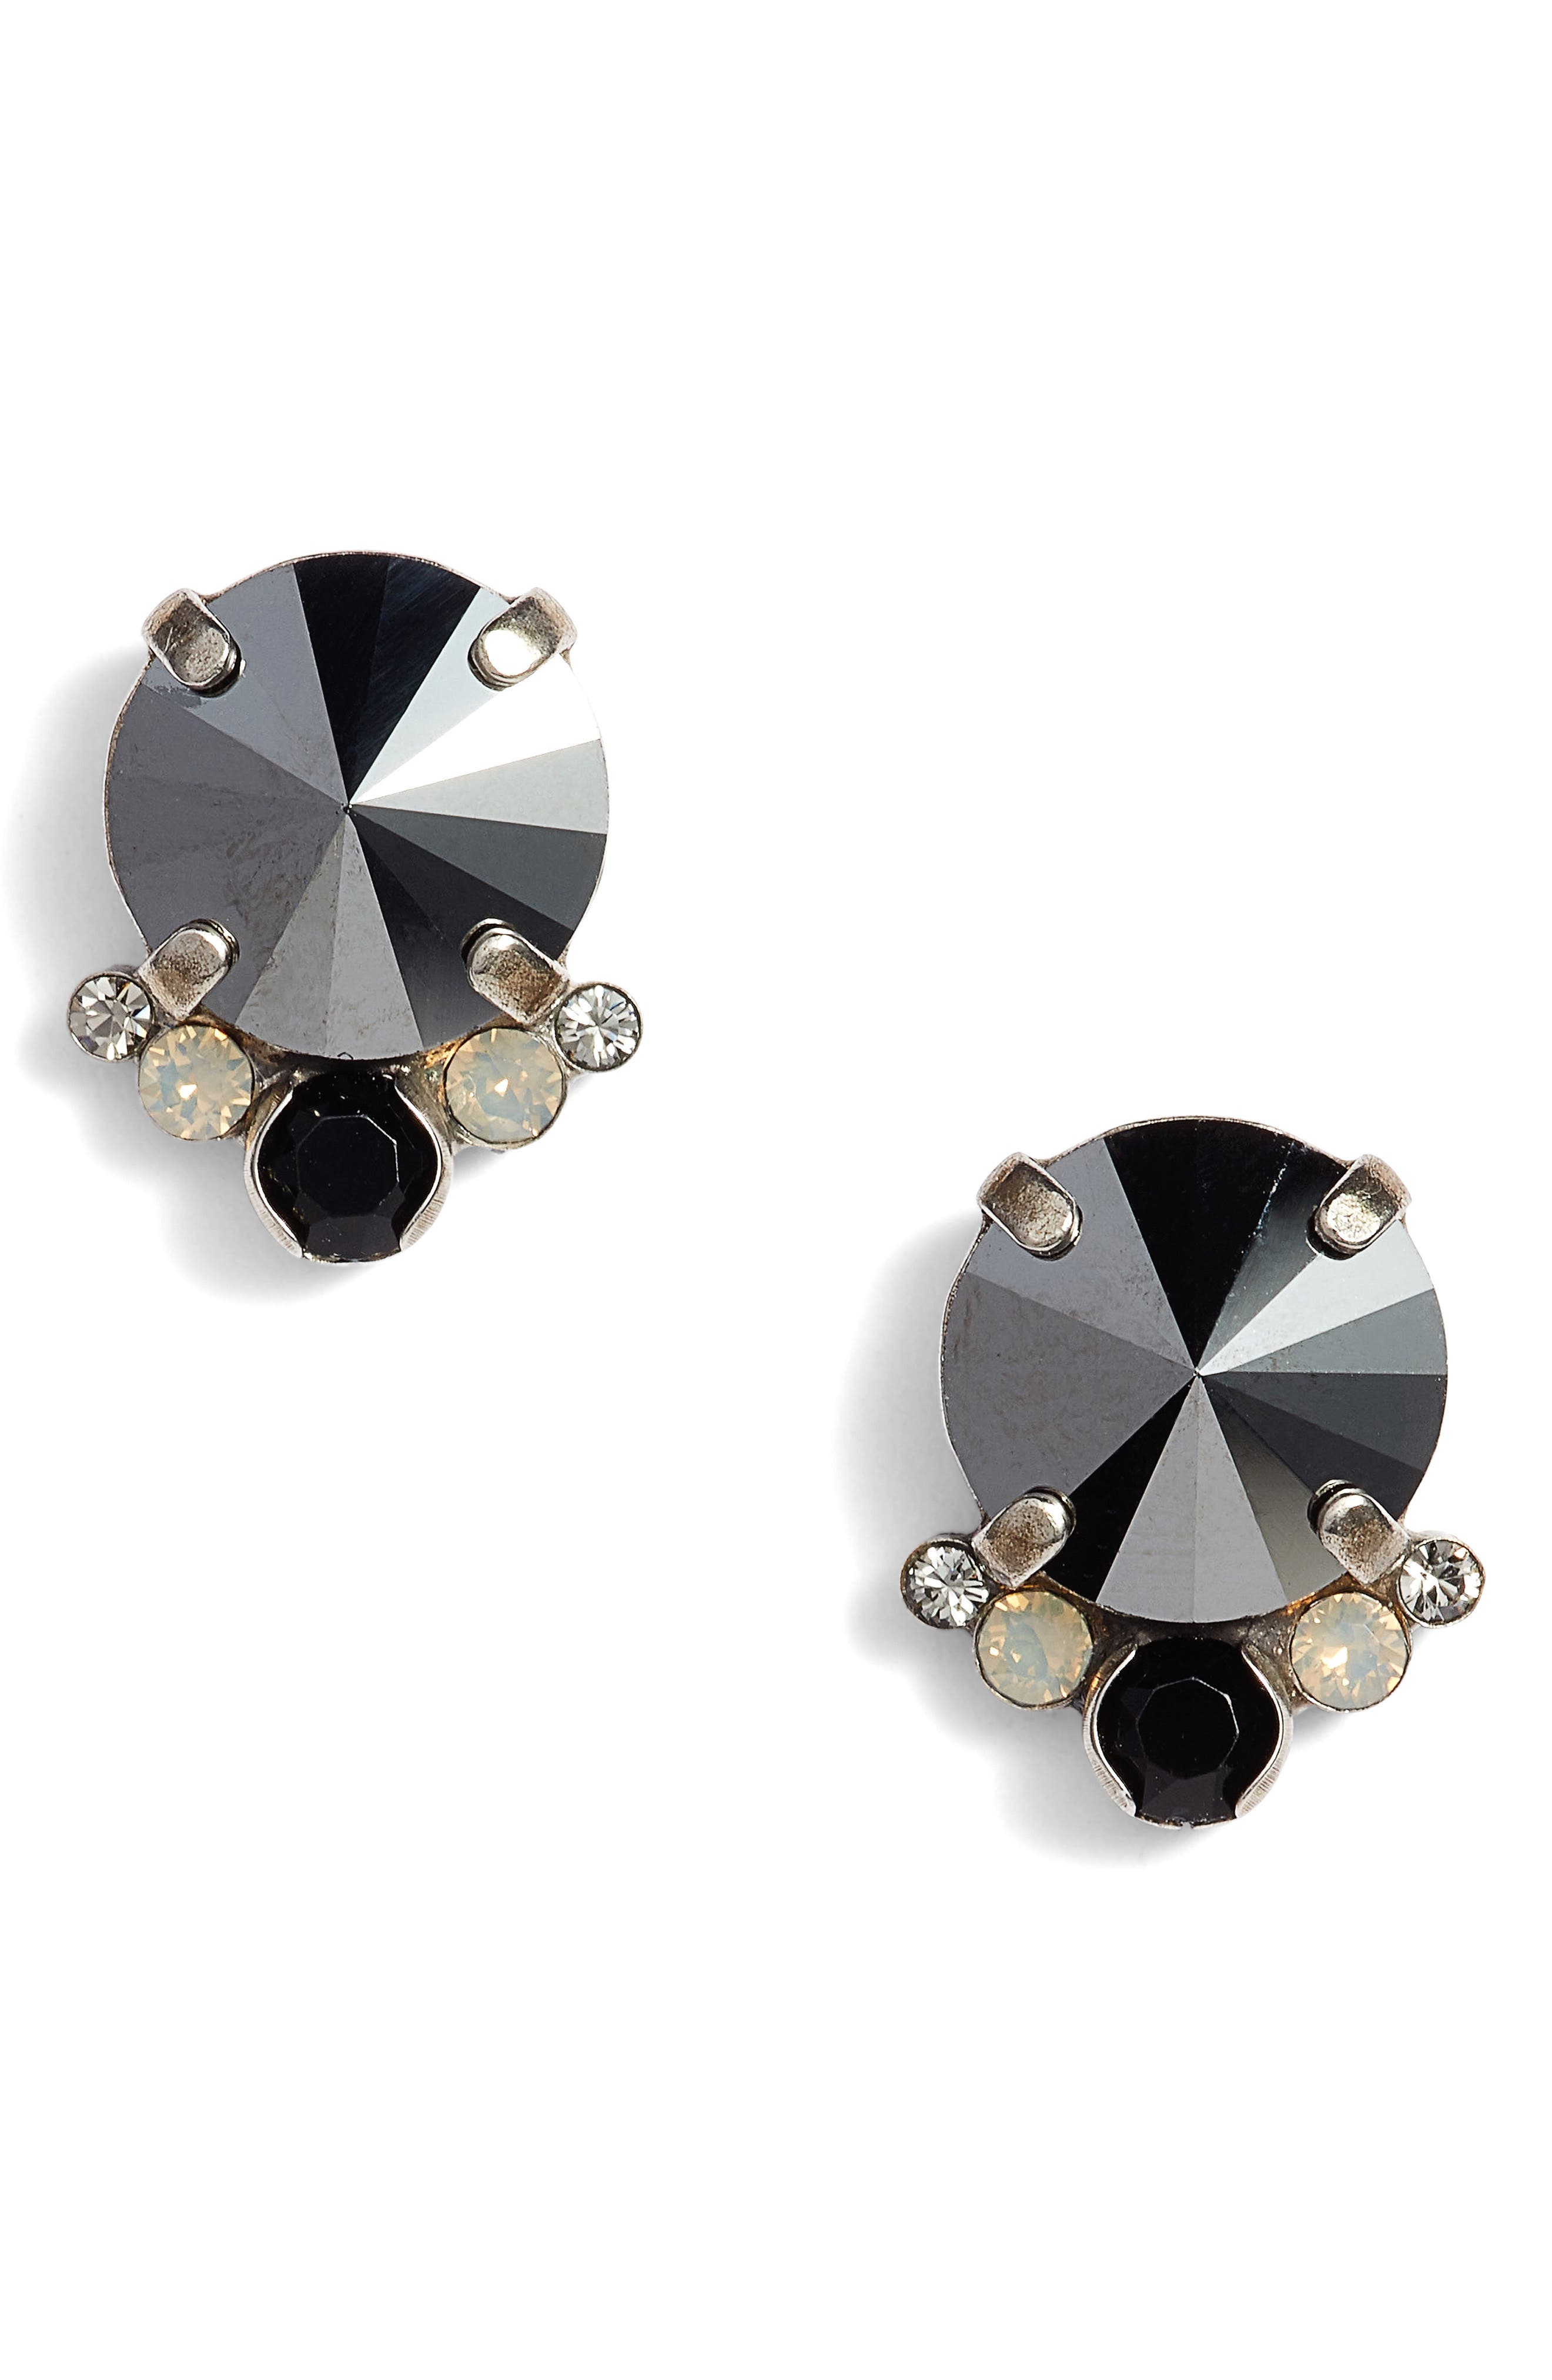 Regal Crystal Stud Earrings,                         Main,                         color, Black